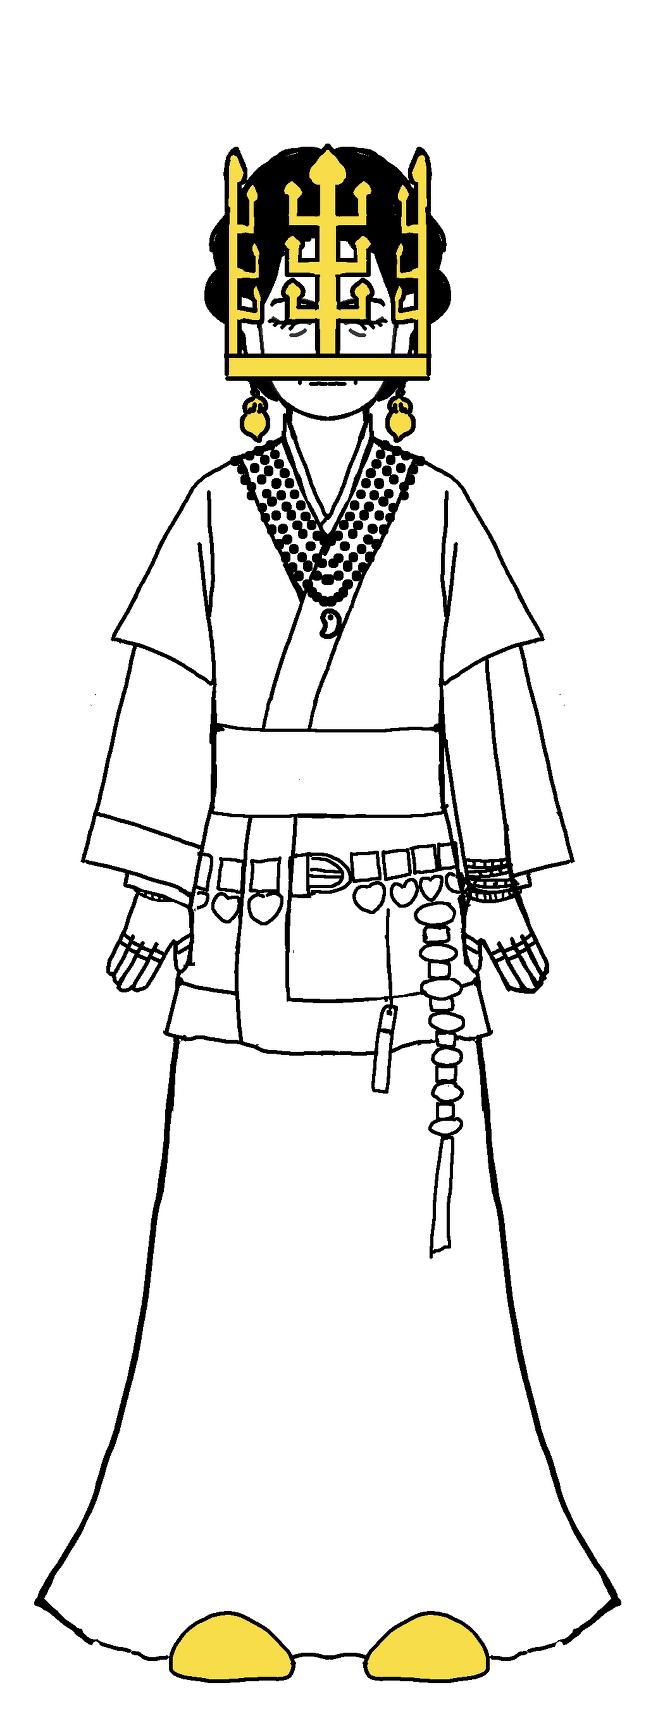 6세기 신라 귀족 여성이 금동관부터 금귀걸이, 구슬 목걸이, 은허리띠, 은팔찌, 은반지, 금동신발까지 착장한 상태를 그린 모습. 금동관은 머리에 쓰지 않고 얼굴을 덮었던 것으로 추정된다. 삼국시대 장신구 연구의 권위자인 이한상 대전대 교수가 그린 이미지다. /이한상 교수 제공